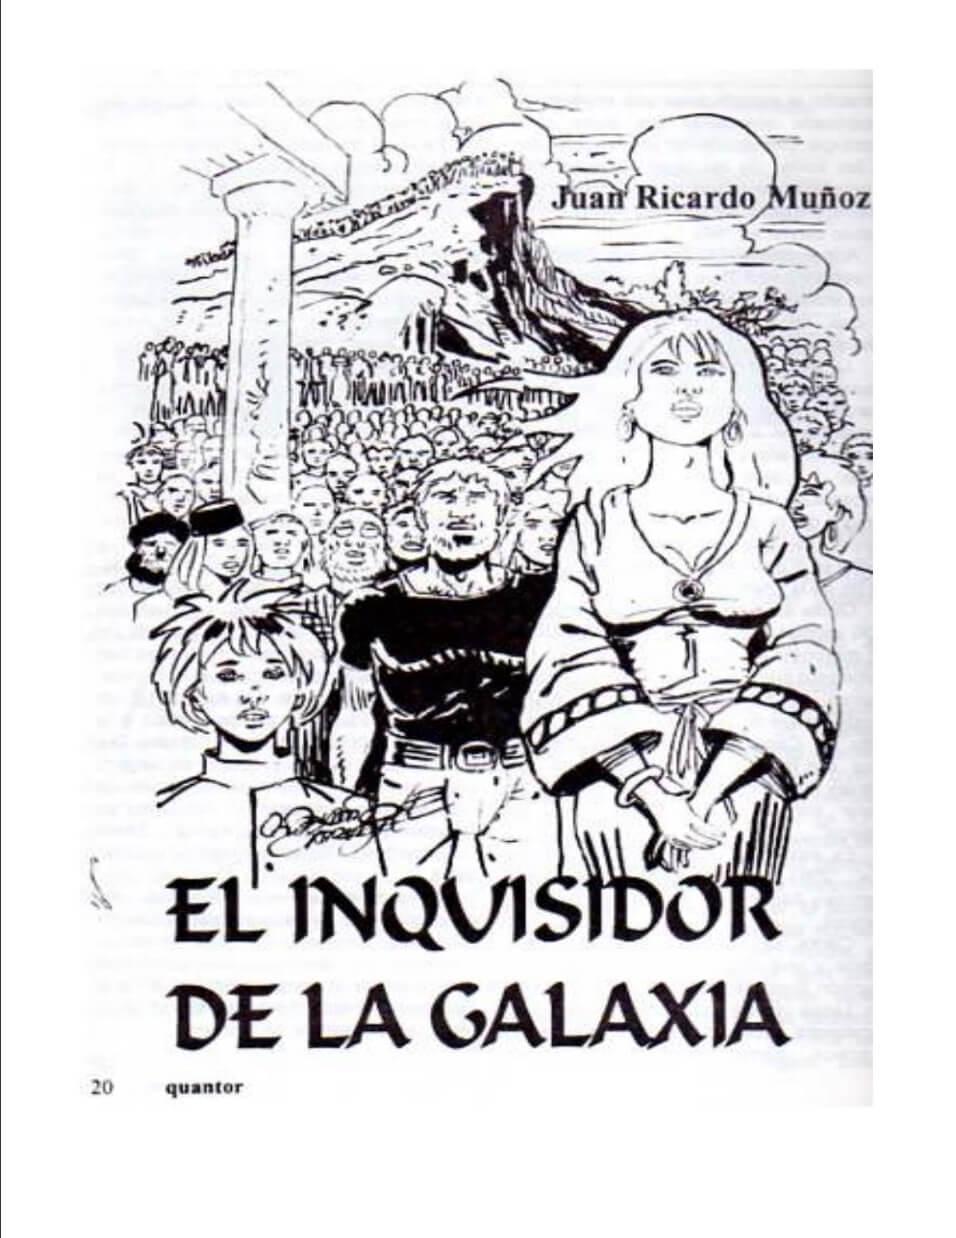 El inquisidor de la galaxia